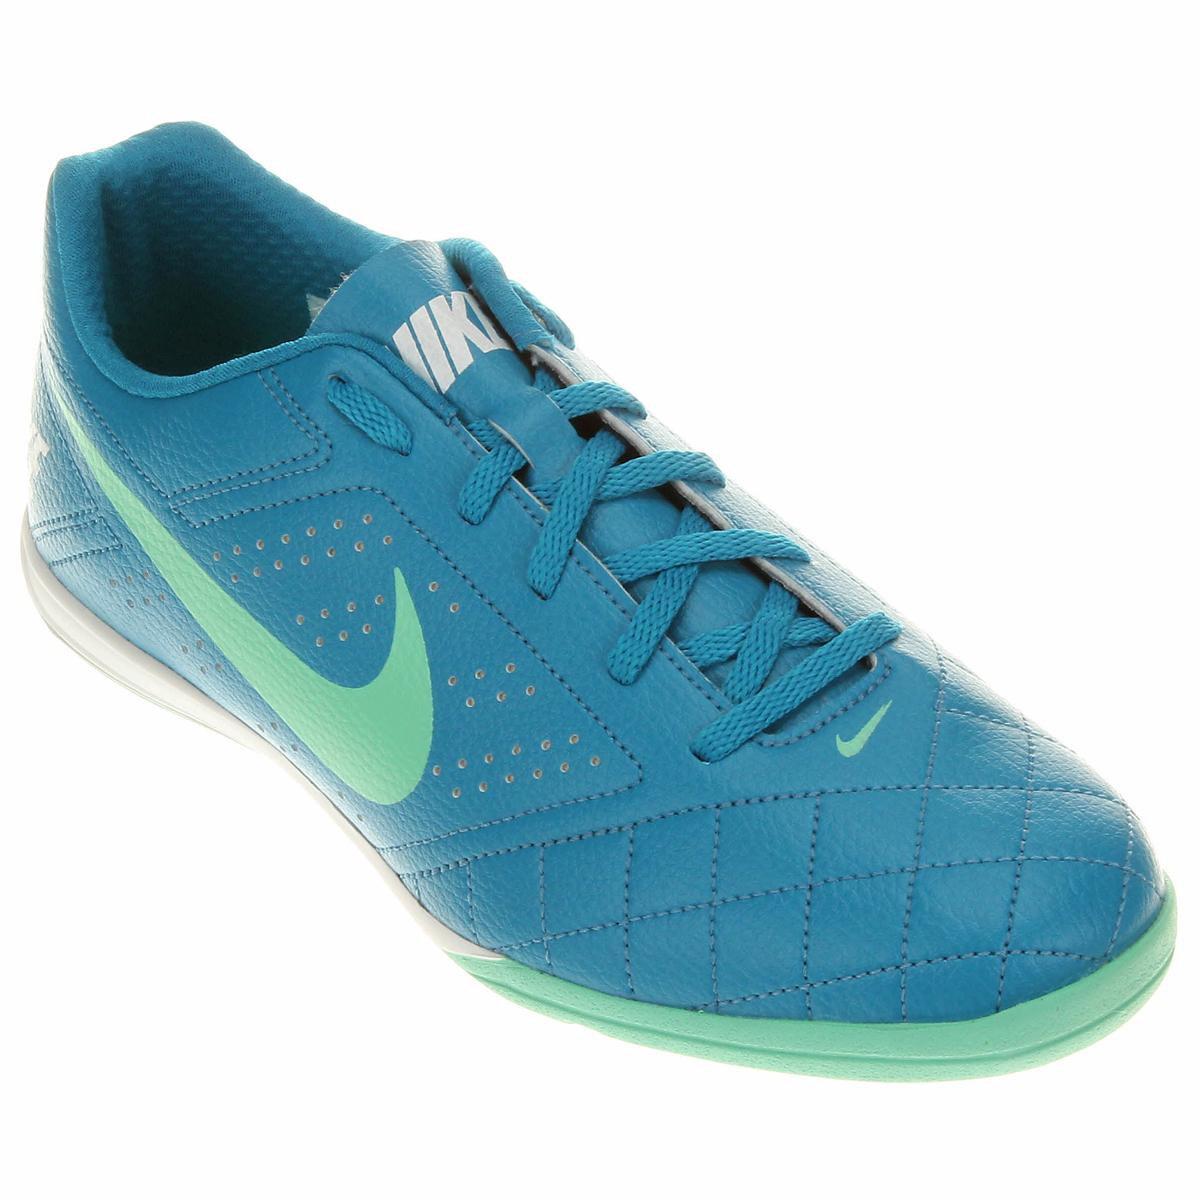 e52509e250 Chuteira Futsal Nike Beco 2 Futsal - Azul e Verde Água - Compre ...